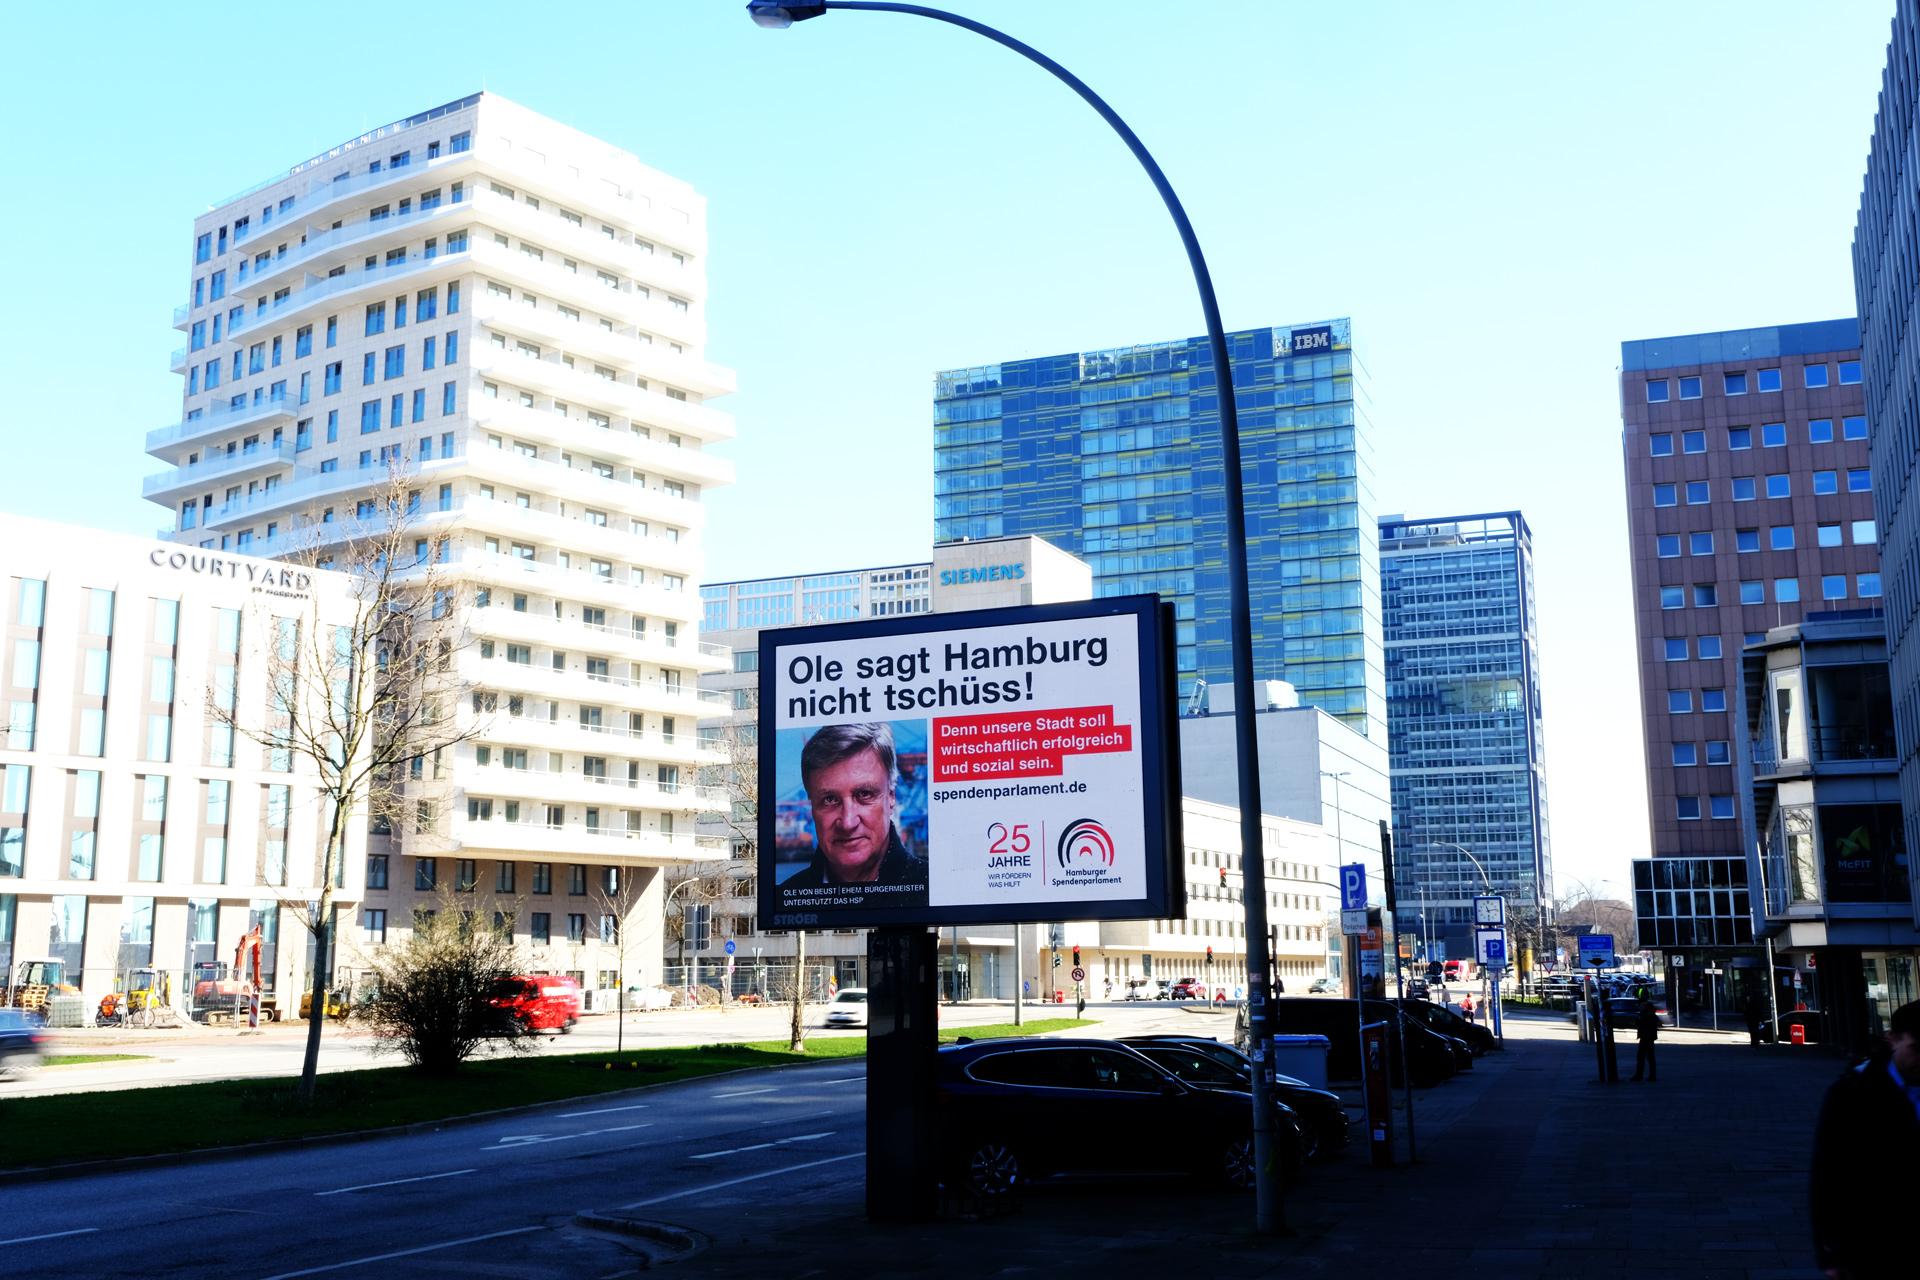 WERK4_Hamburger-Spendenparlament_Ole